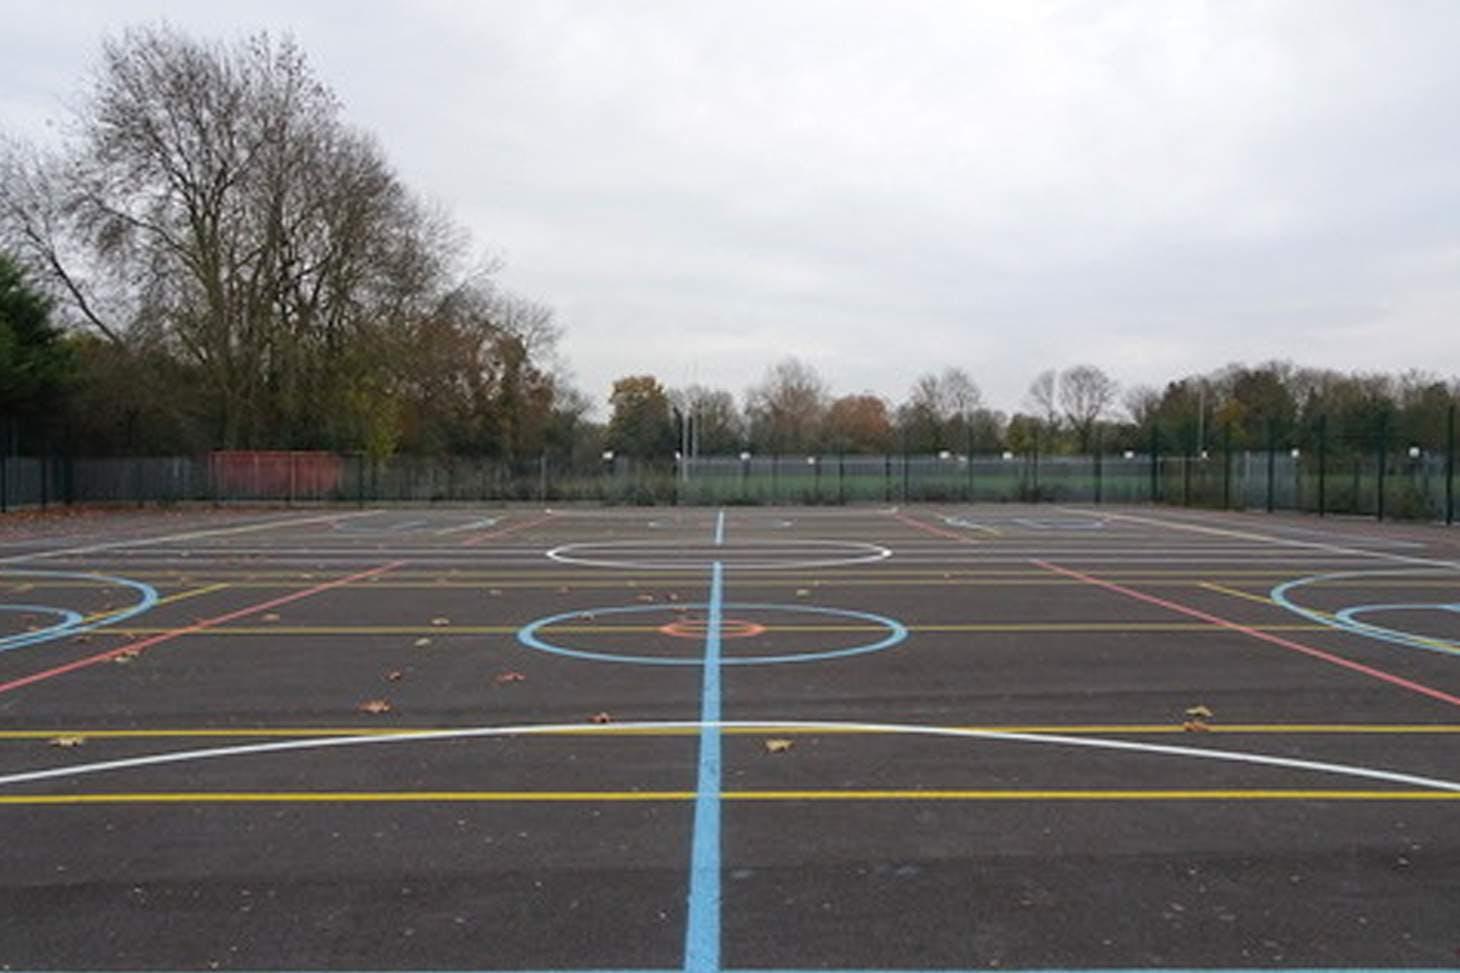 Orchardside School Outdoor | Hard (macadam) tennis court